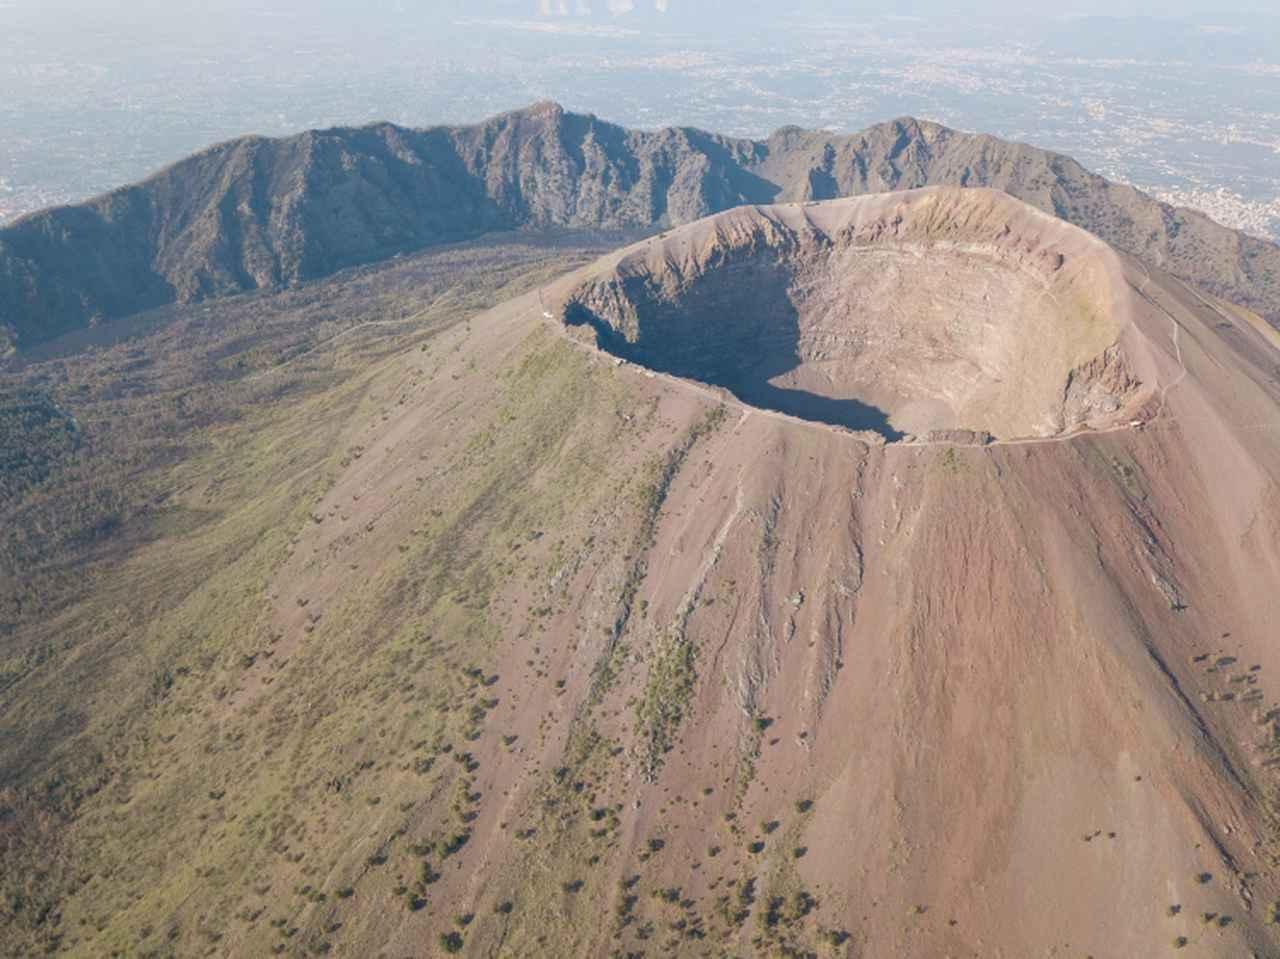 画像: イタリア、ナポリにそびえるヴェスヴィオ山。東京ディズニーシーにそびえるシンボル的存在である「プロメテウス火山」のモデルとなった。